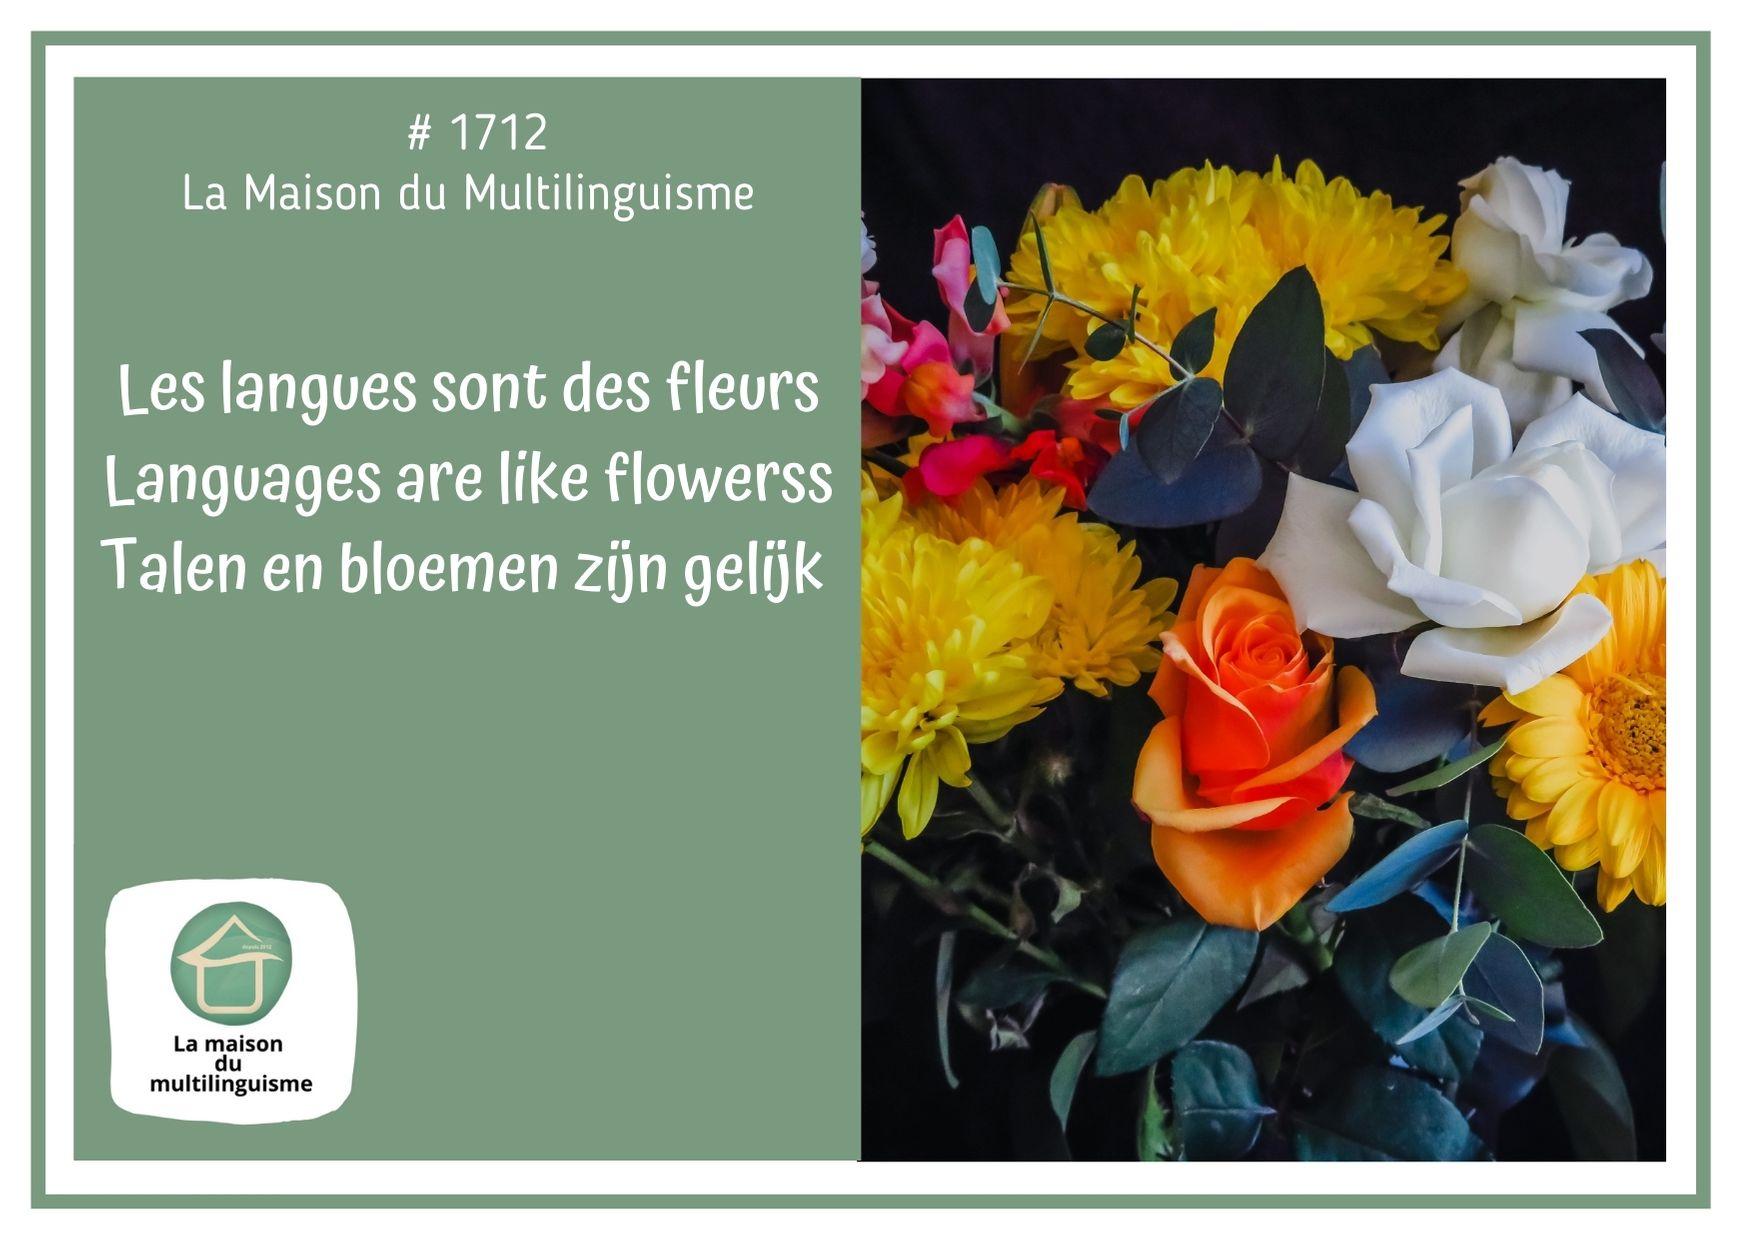 Les langues sont des fleurs / Languages are like flowers / Talen en bloemen zijn gelijk